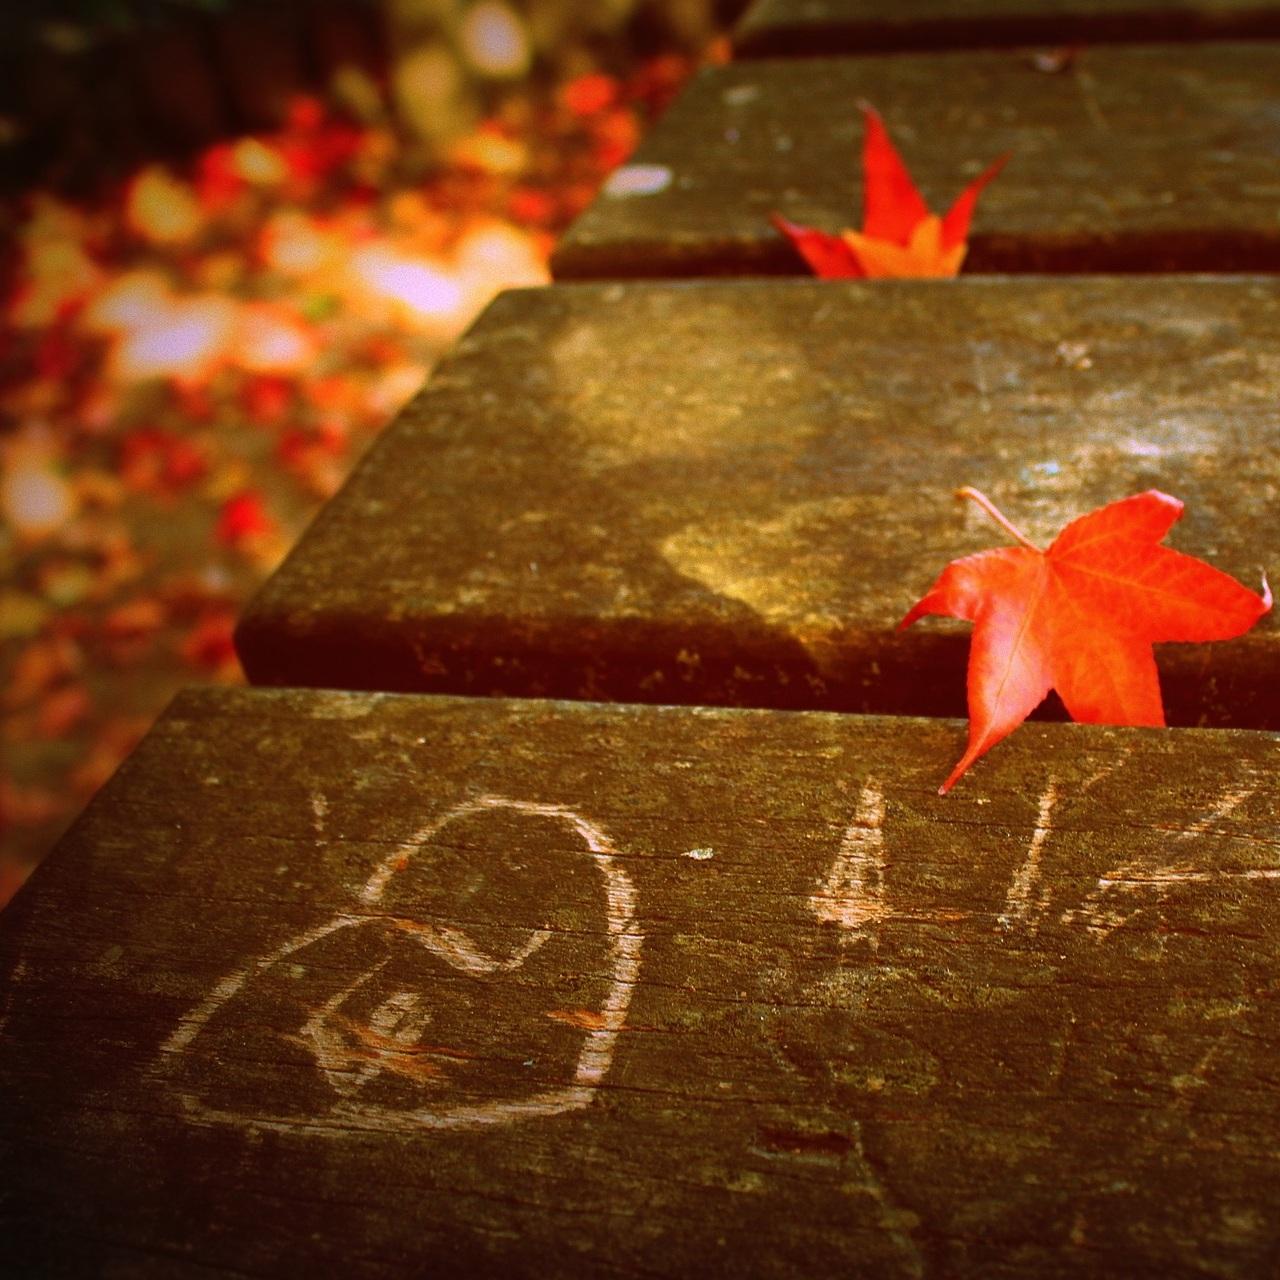 fall-4069797_1920.jpg